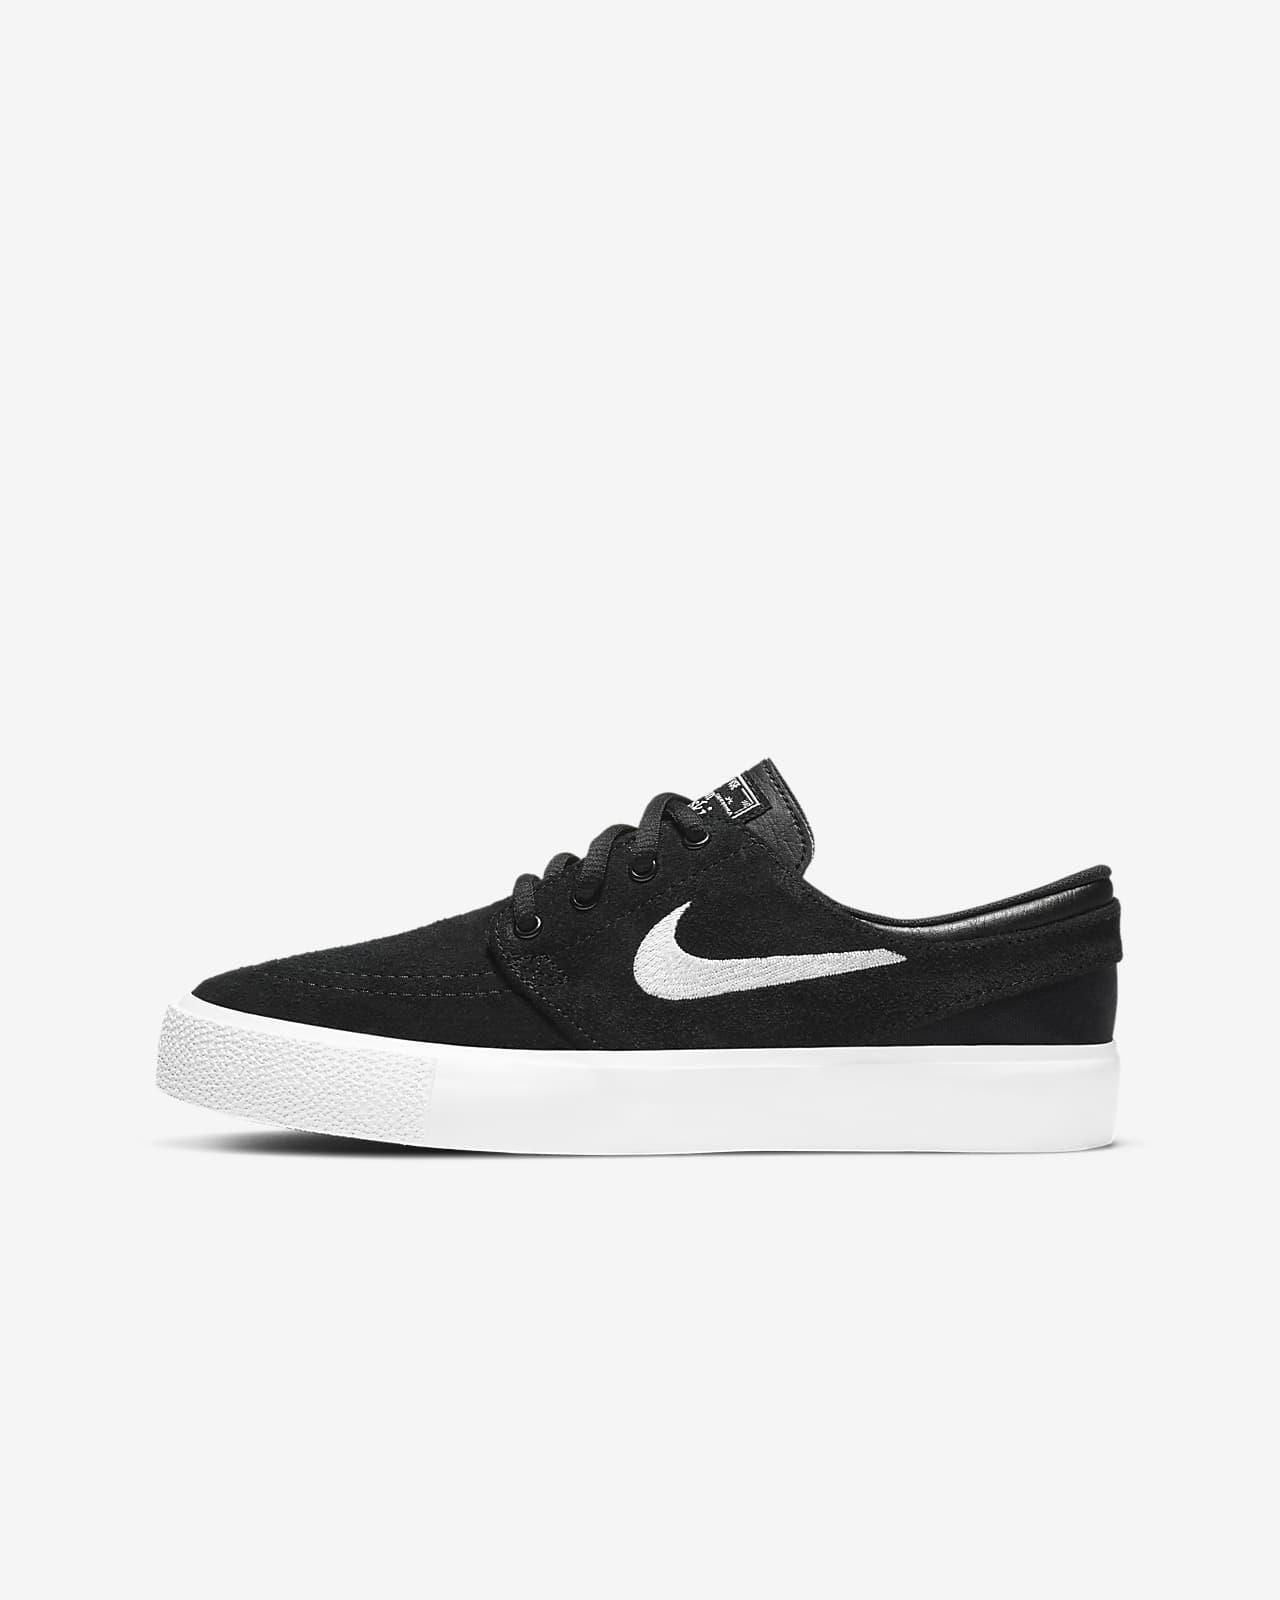 Nike SB Stefan Janoski Genç Çocuk Kaykay Ayakkabısı